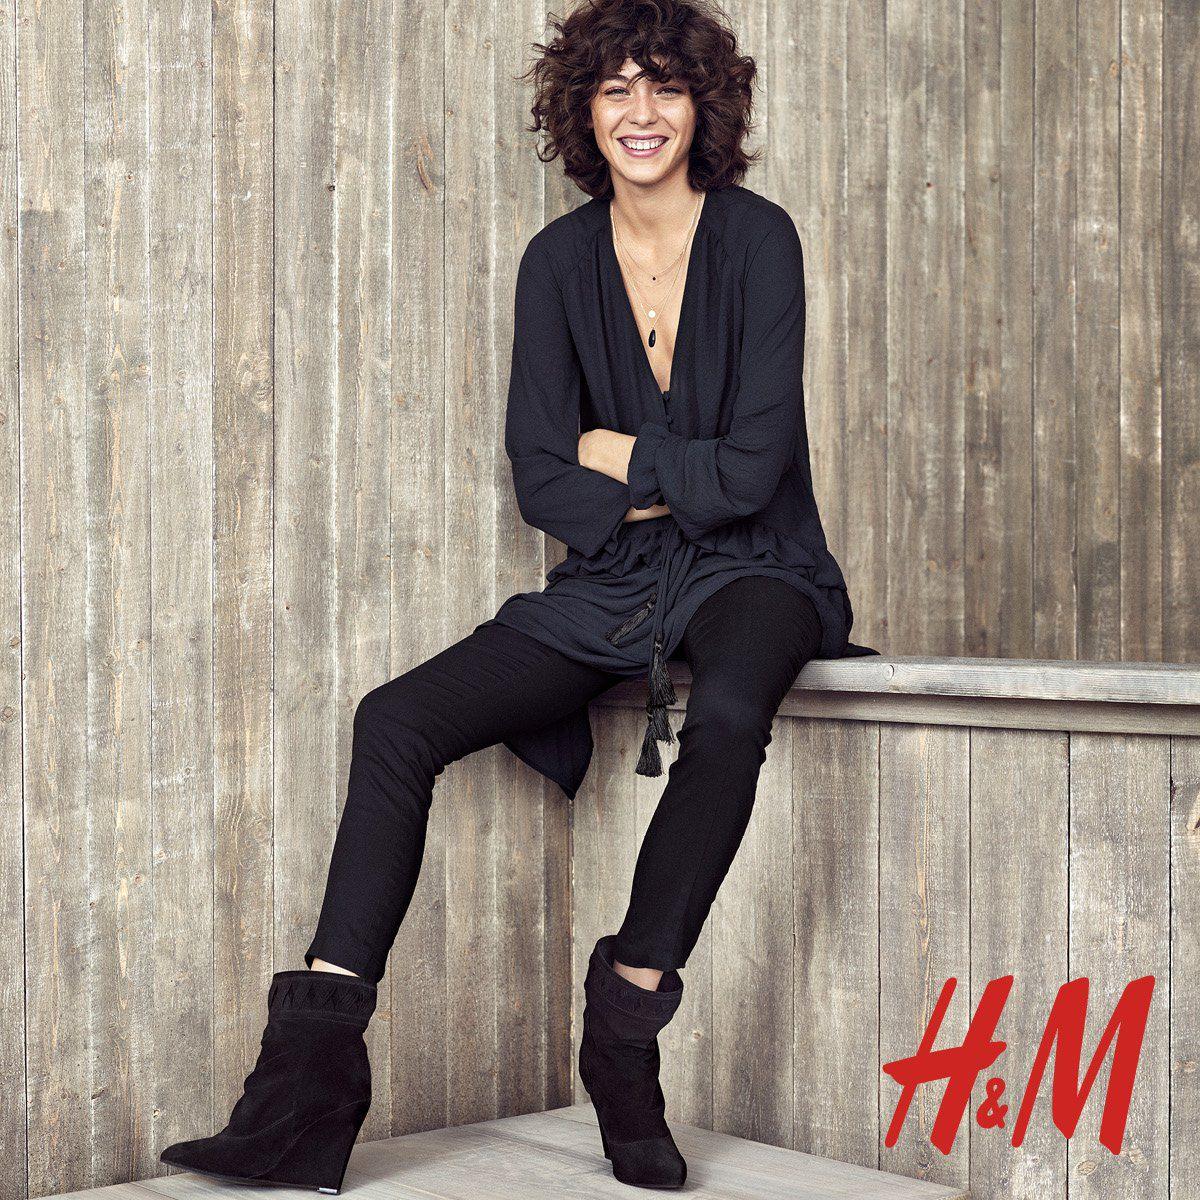 Sjajne vijesti iz H&M-a!